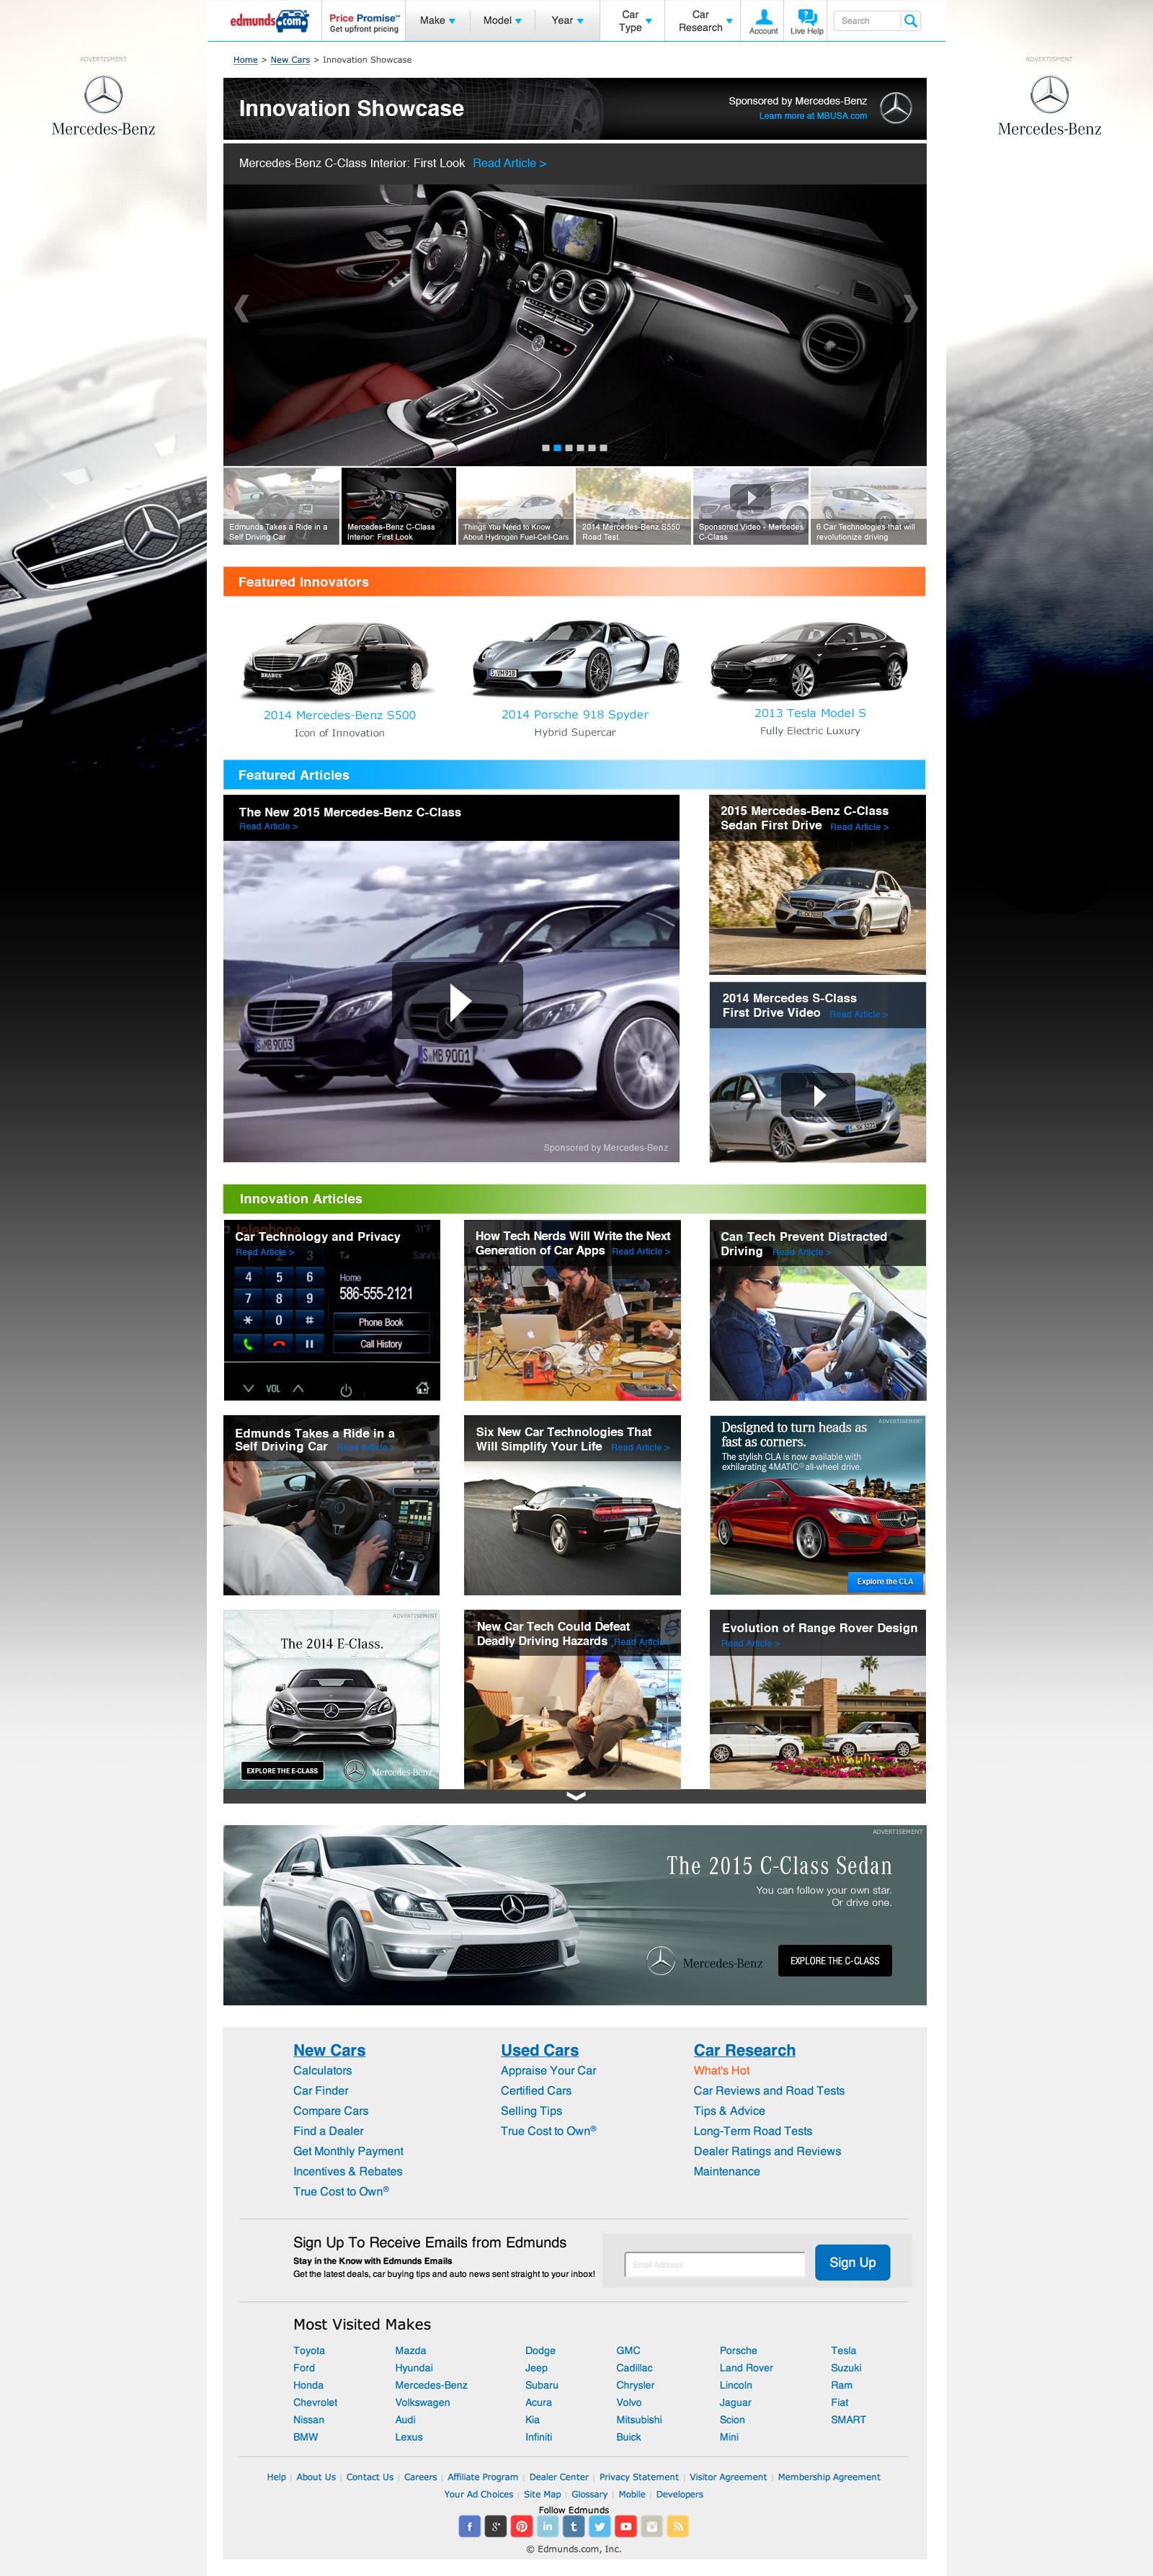 140530_MB_Innovation_Showcase_v3 (2).jpg